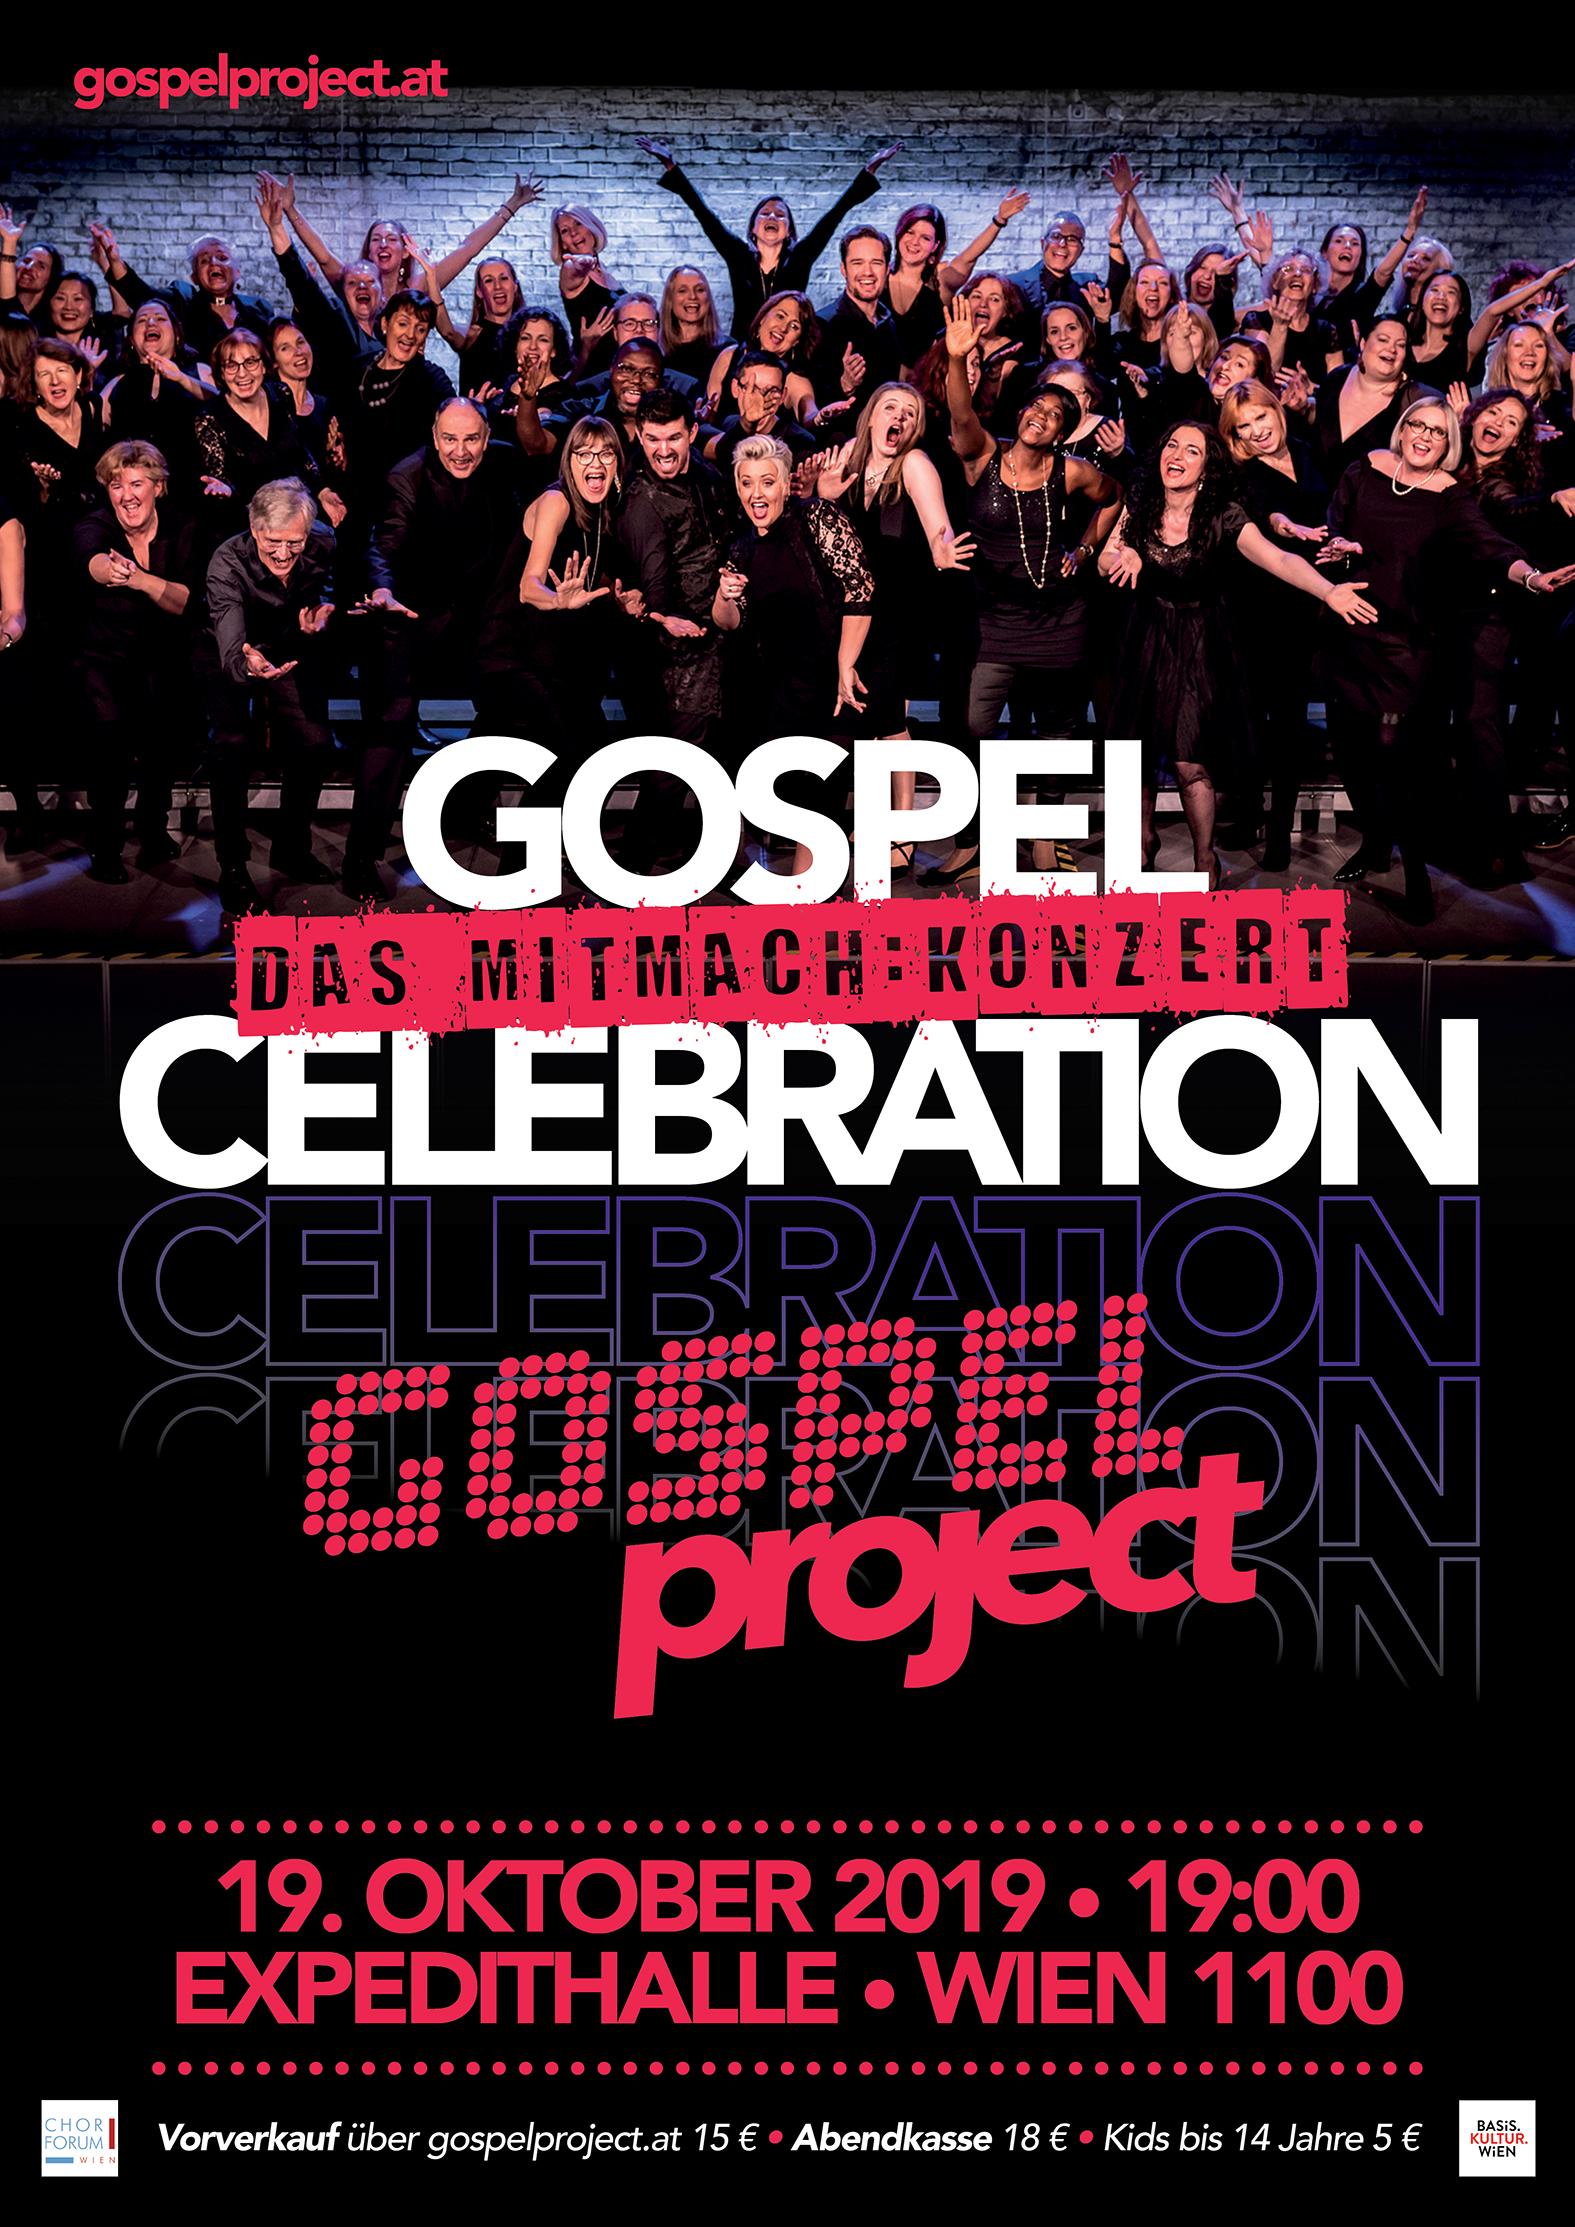 Gospel Celebration -  Das Mitmachkonzert